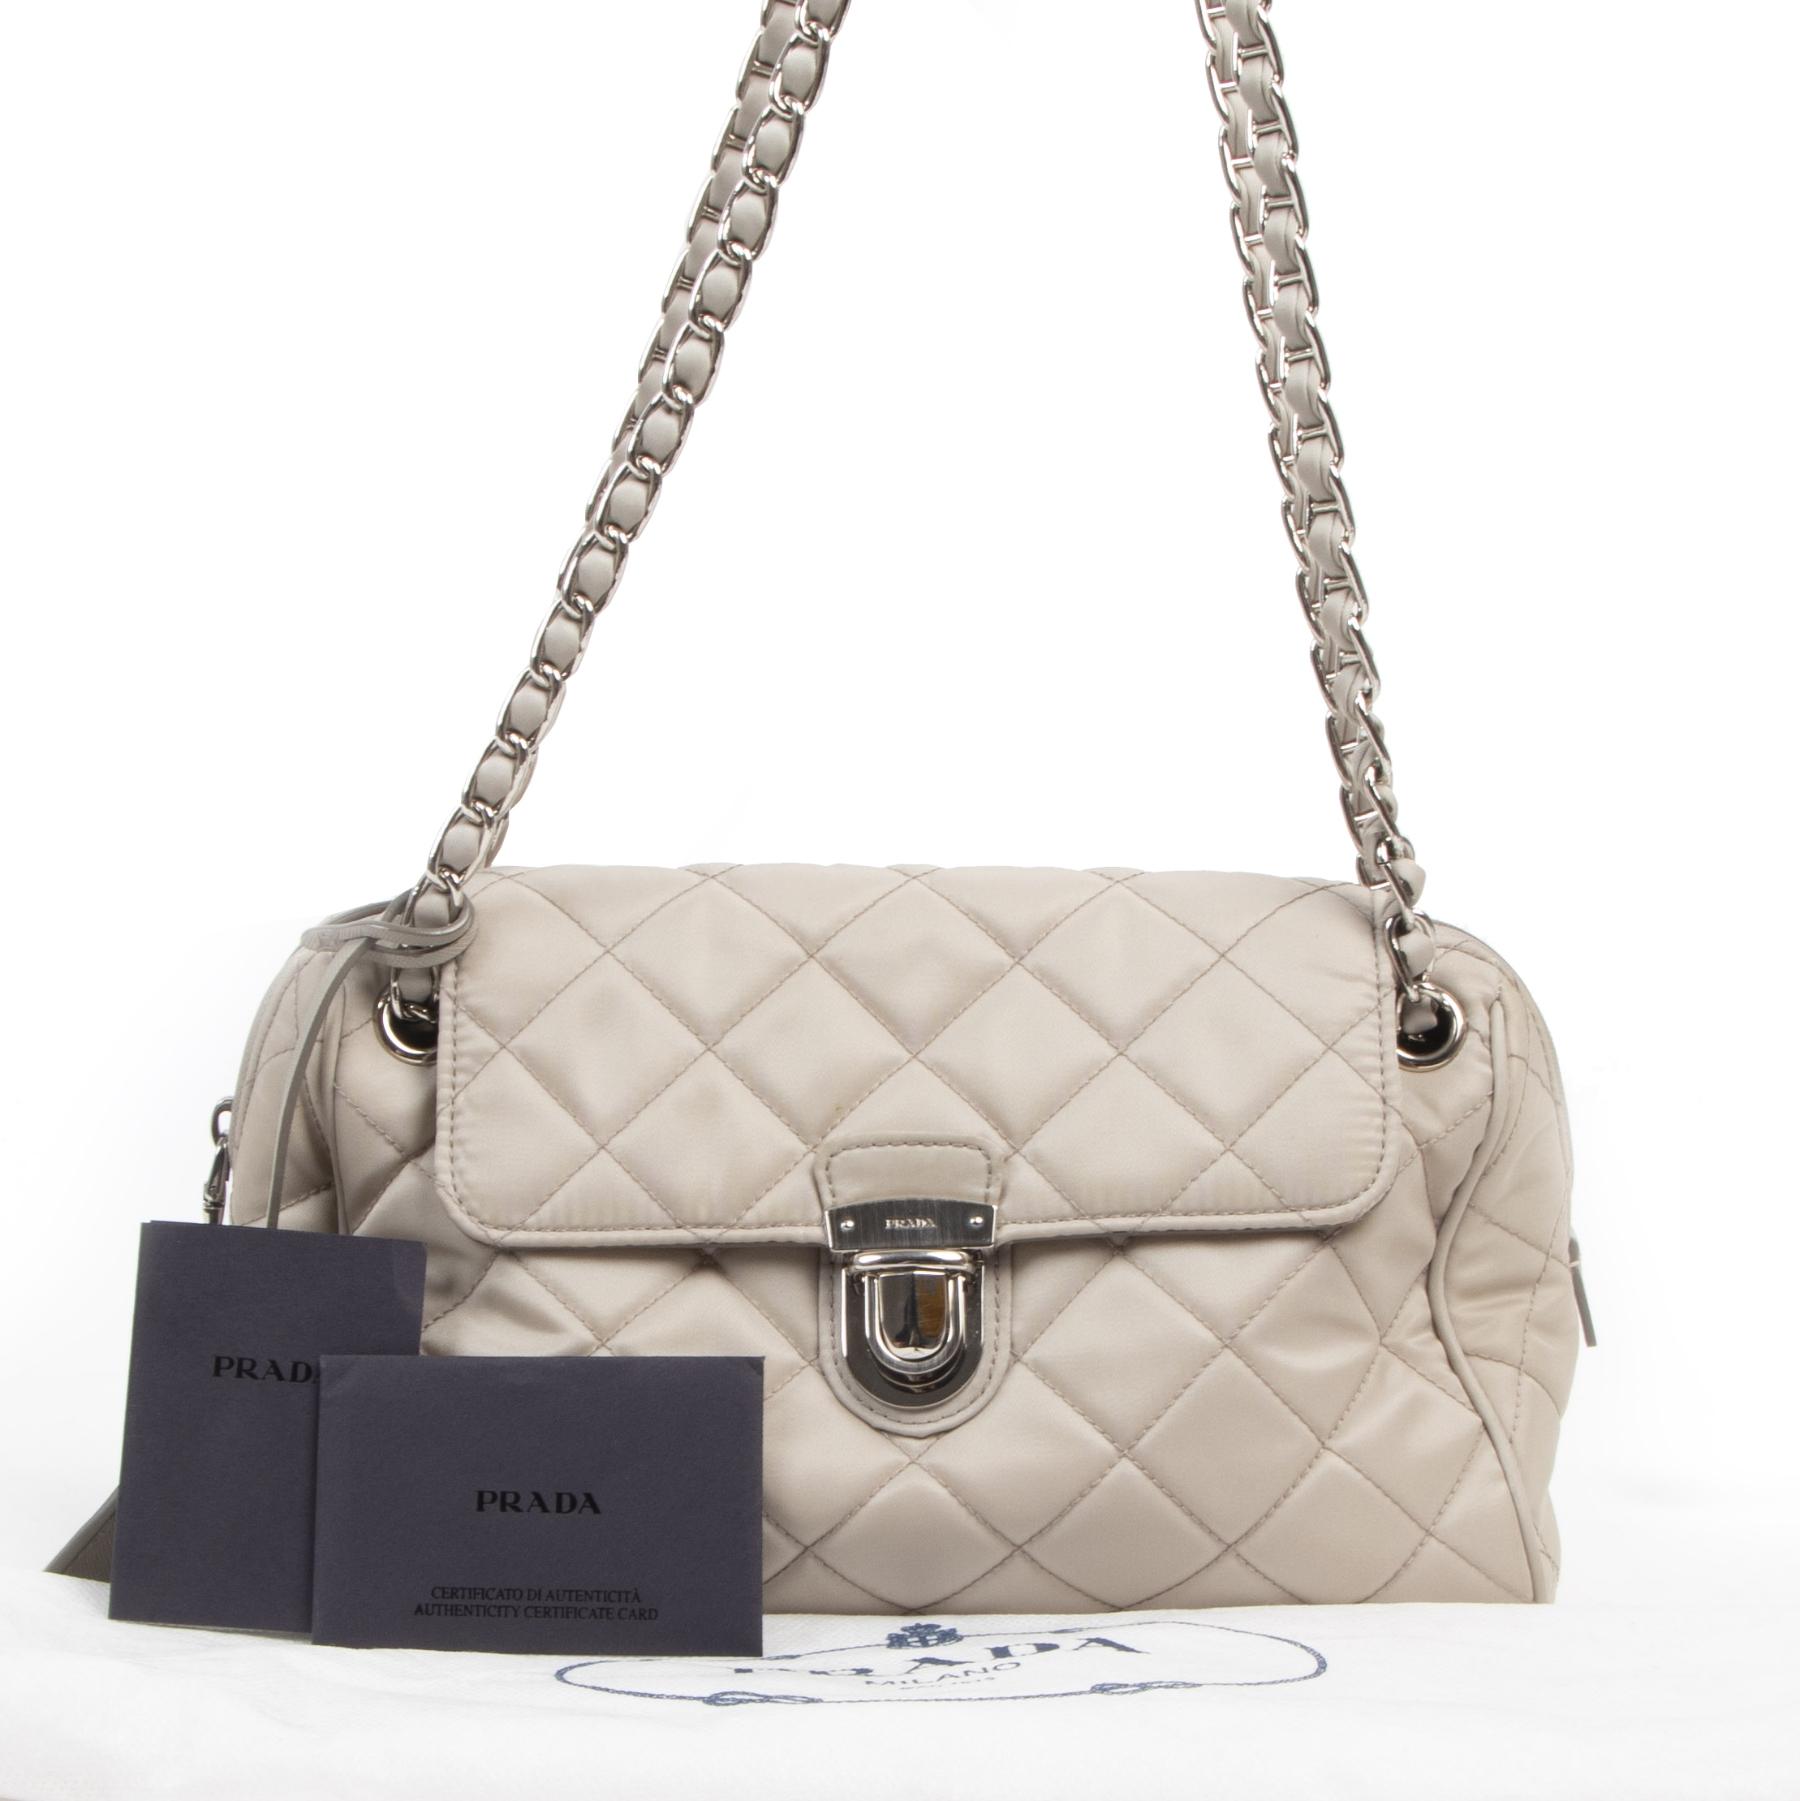 Authentique seconde-main vintage Prada Beige Nylon Shoulder Bag achète en ligne webshop LabelLOV